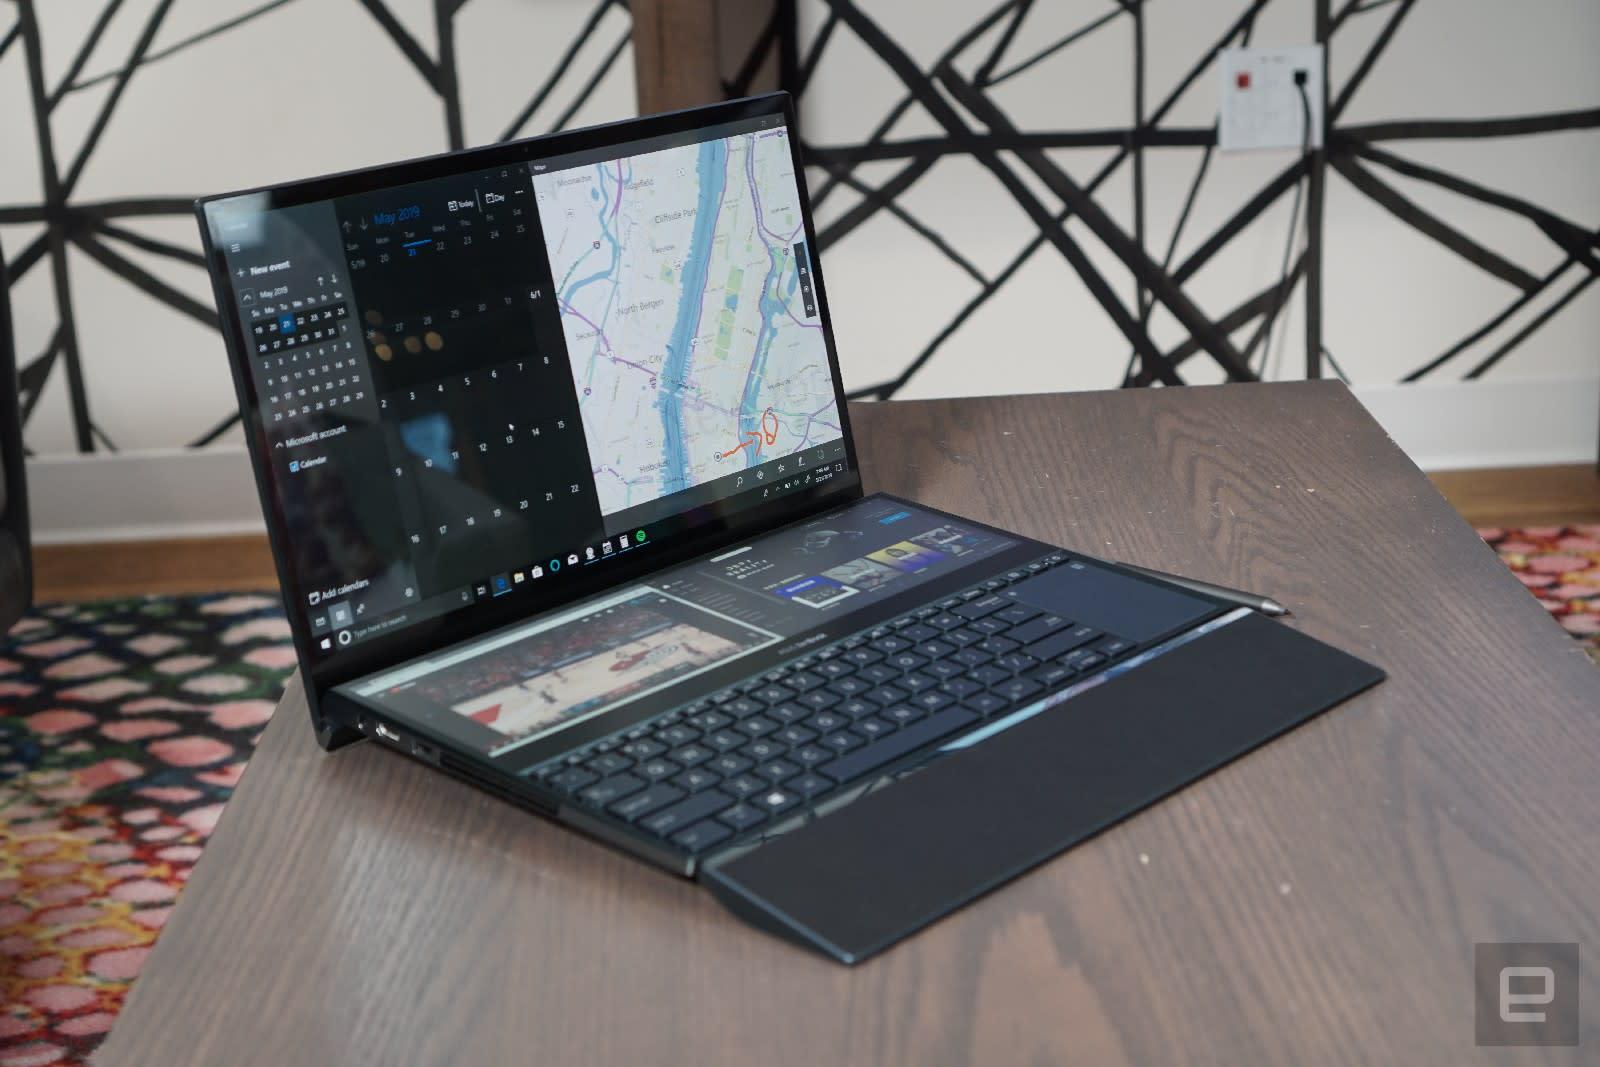 ASUS ZenBook Pro Duo hands-on | Computex 2019